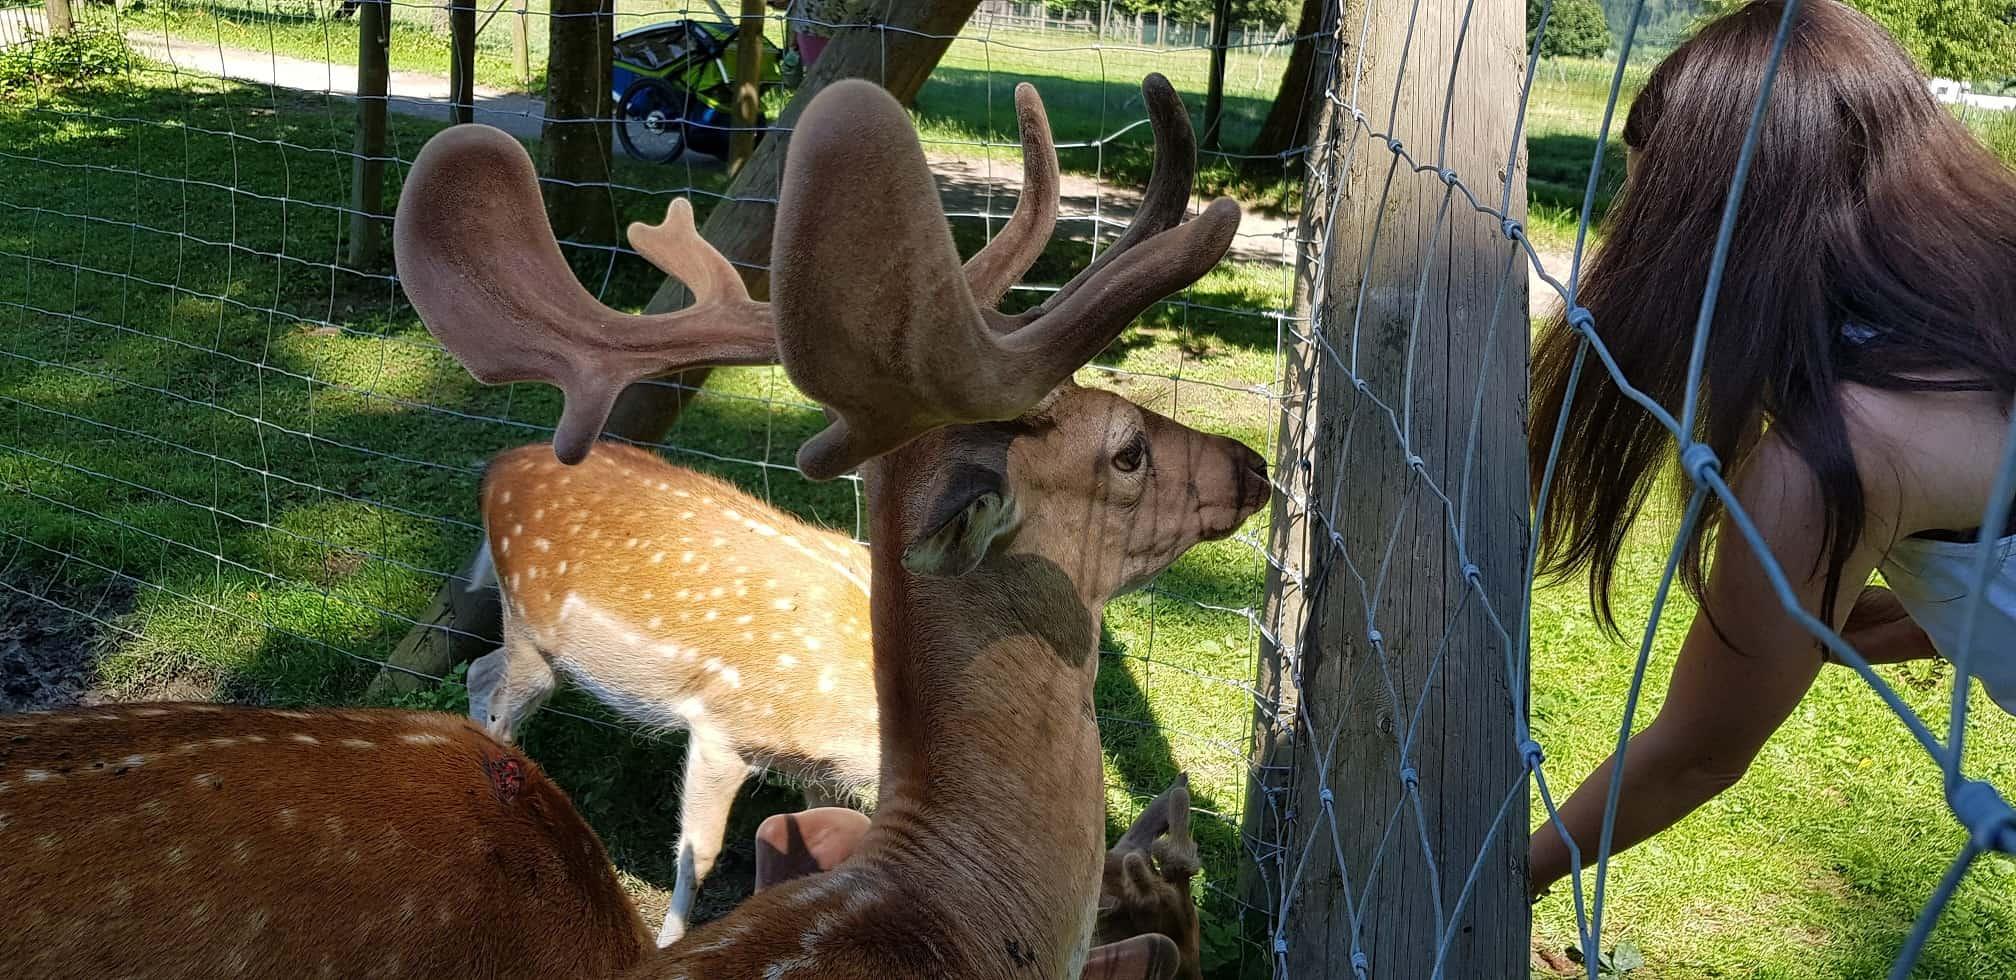 Hirsche füttern im Tierpark Schloss Labyrinth Rosegg